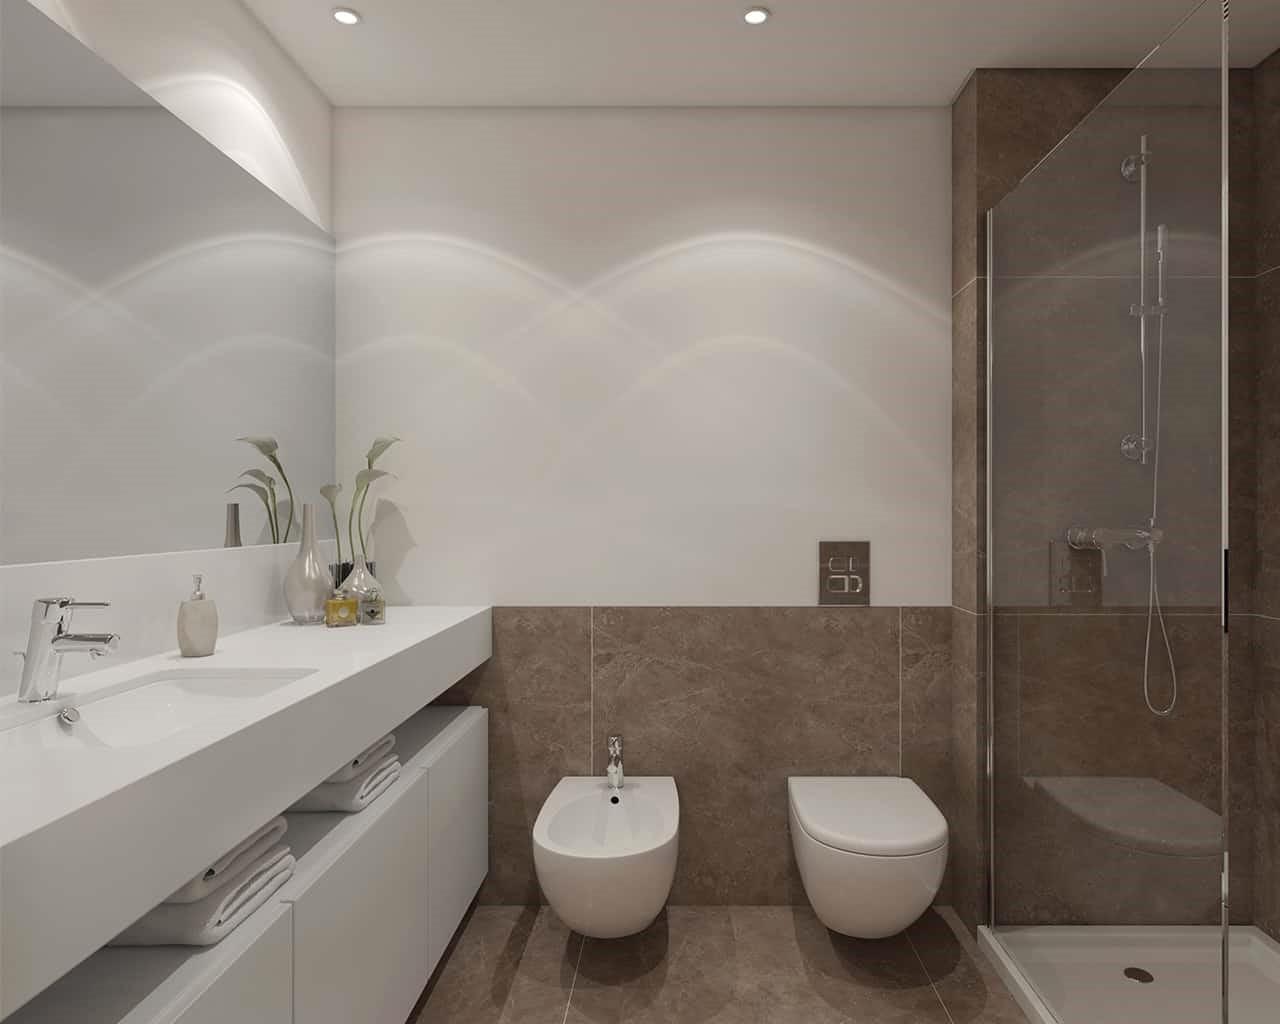 areeiro-prime-salle de bain-option urban-trend-douche